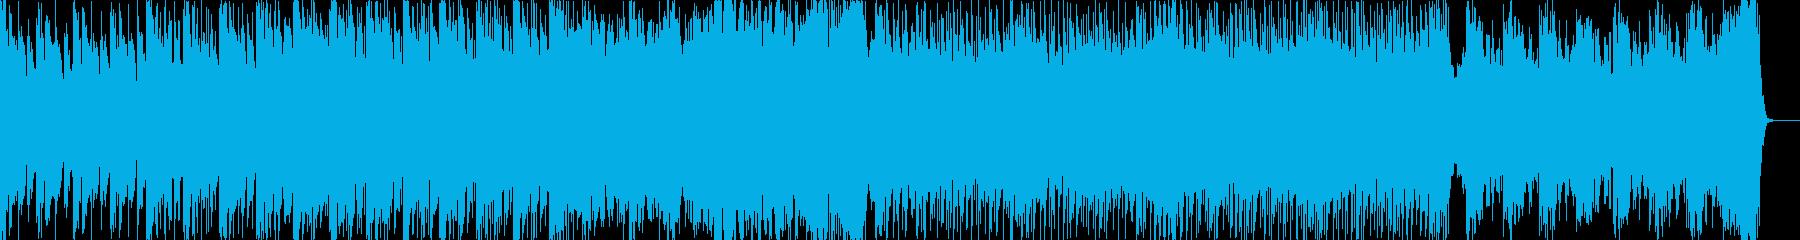 壮大なシネマティックなドラムンベースの再生済みの波形